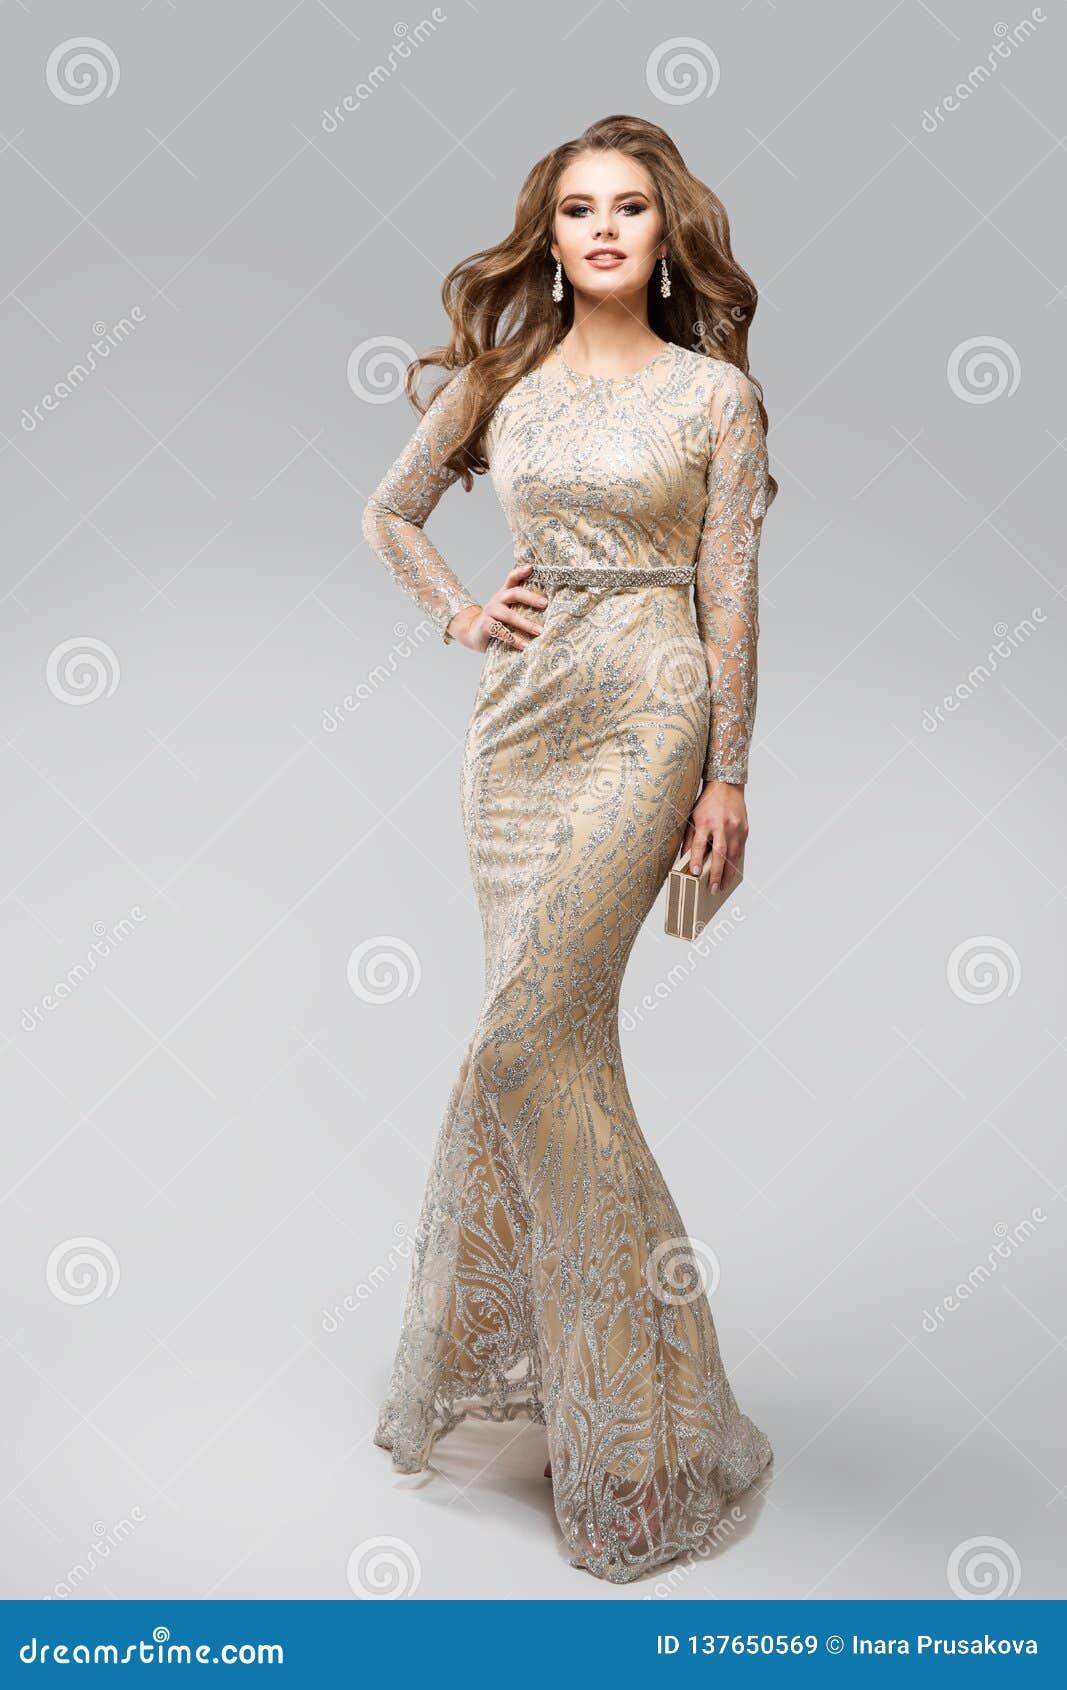 Evening Glittering Silver för modemodell klänning, elegant glamourkvinna i brusandekappan, skönhetstudiostående över vit